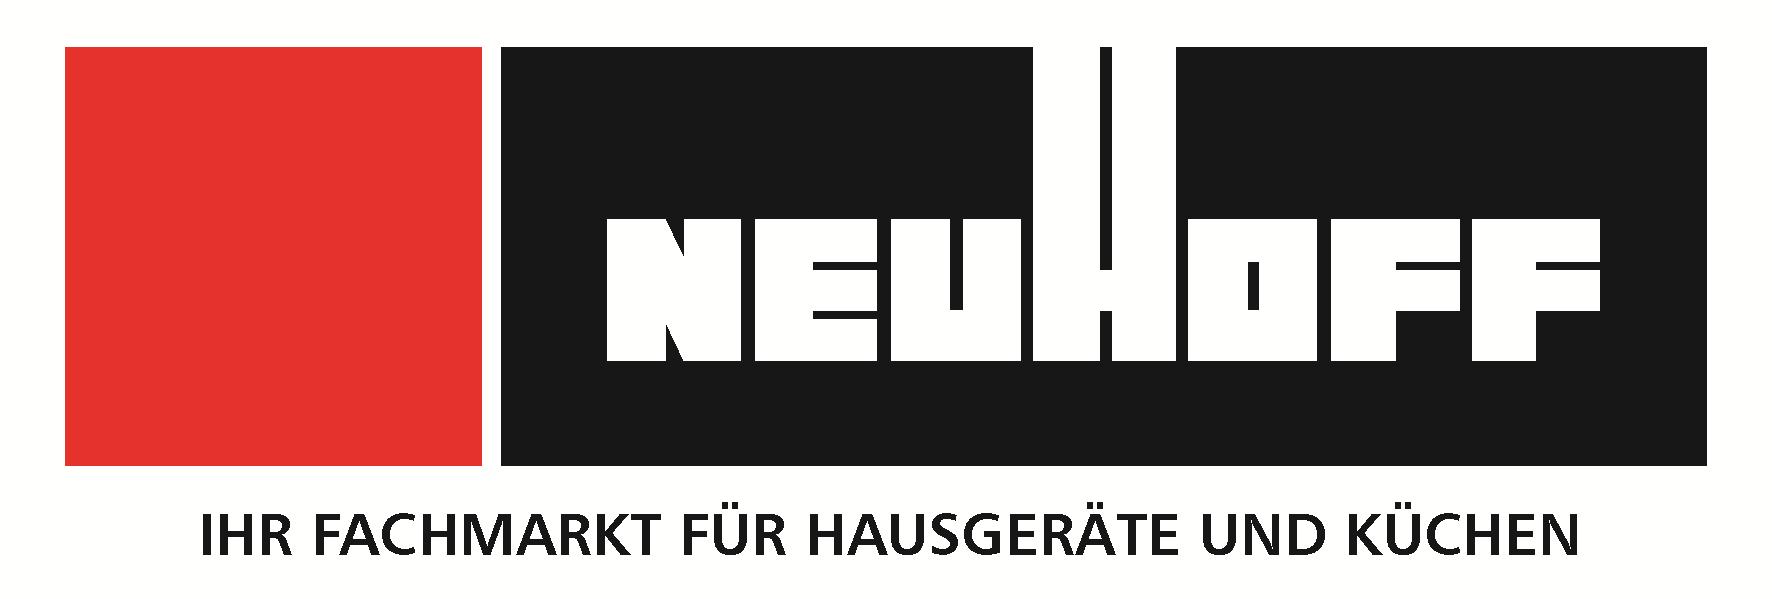 Küchenstudio Dortmund Rational Nobilia Küchenmodernisierung